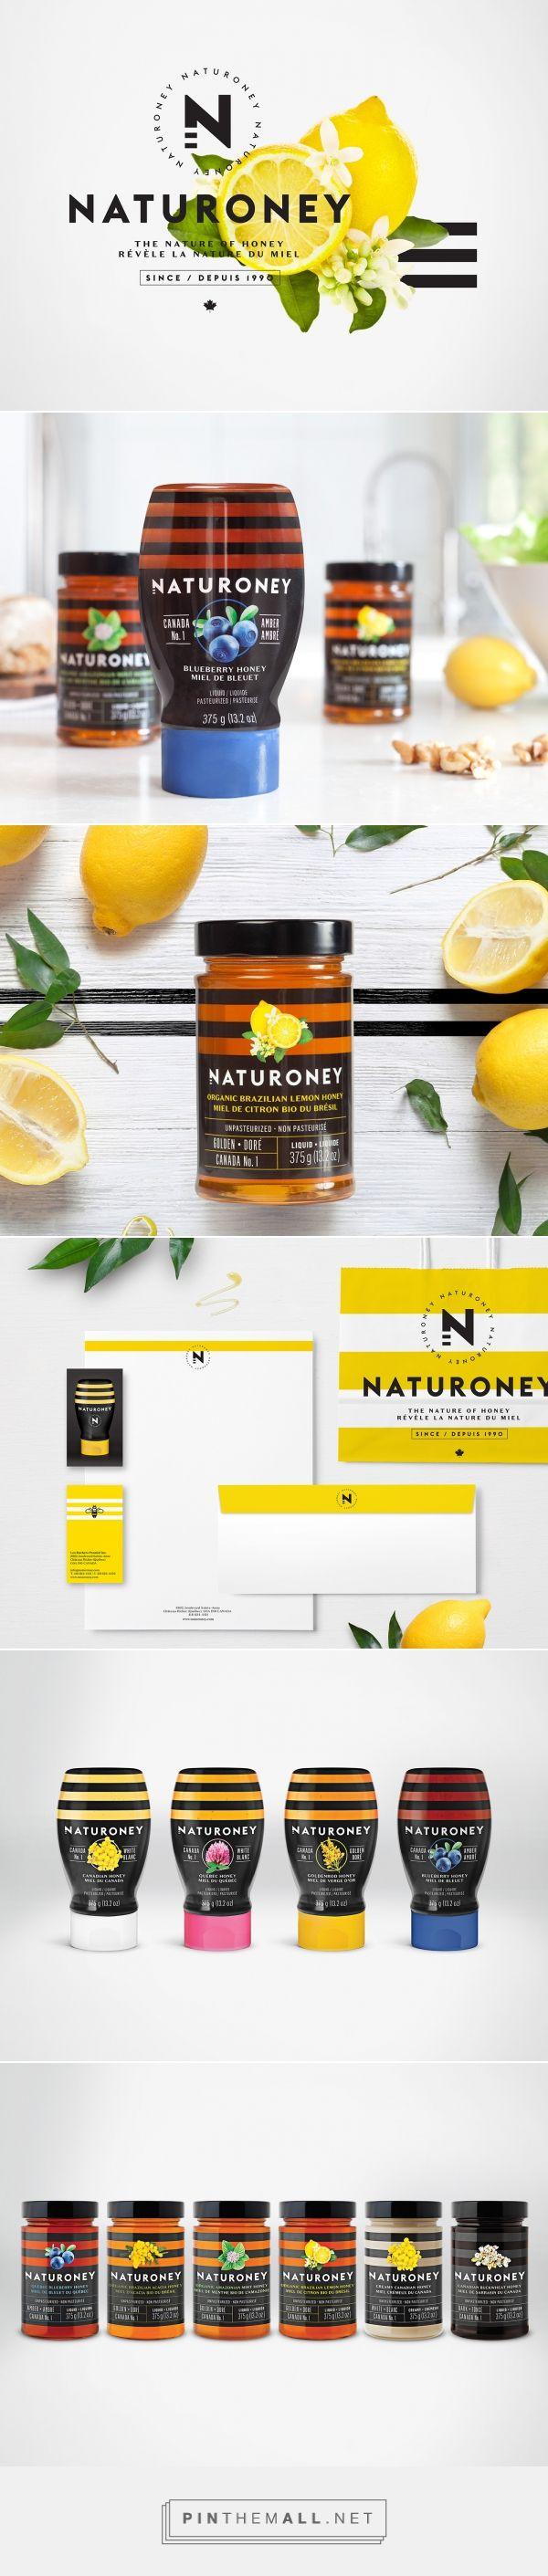 Naturoney miel Branding y Packaging por Marie-Pier Gilbert y Lg2boutique |  Agencia de Branding Fivestar - Diseño y la Agencia de Branding & Inspiration Gallery Curada